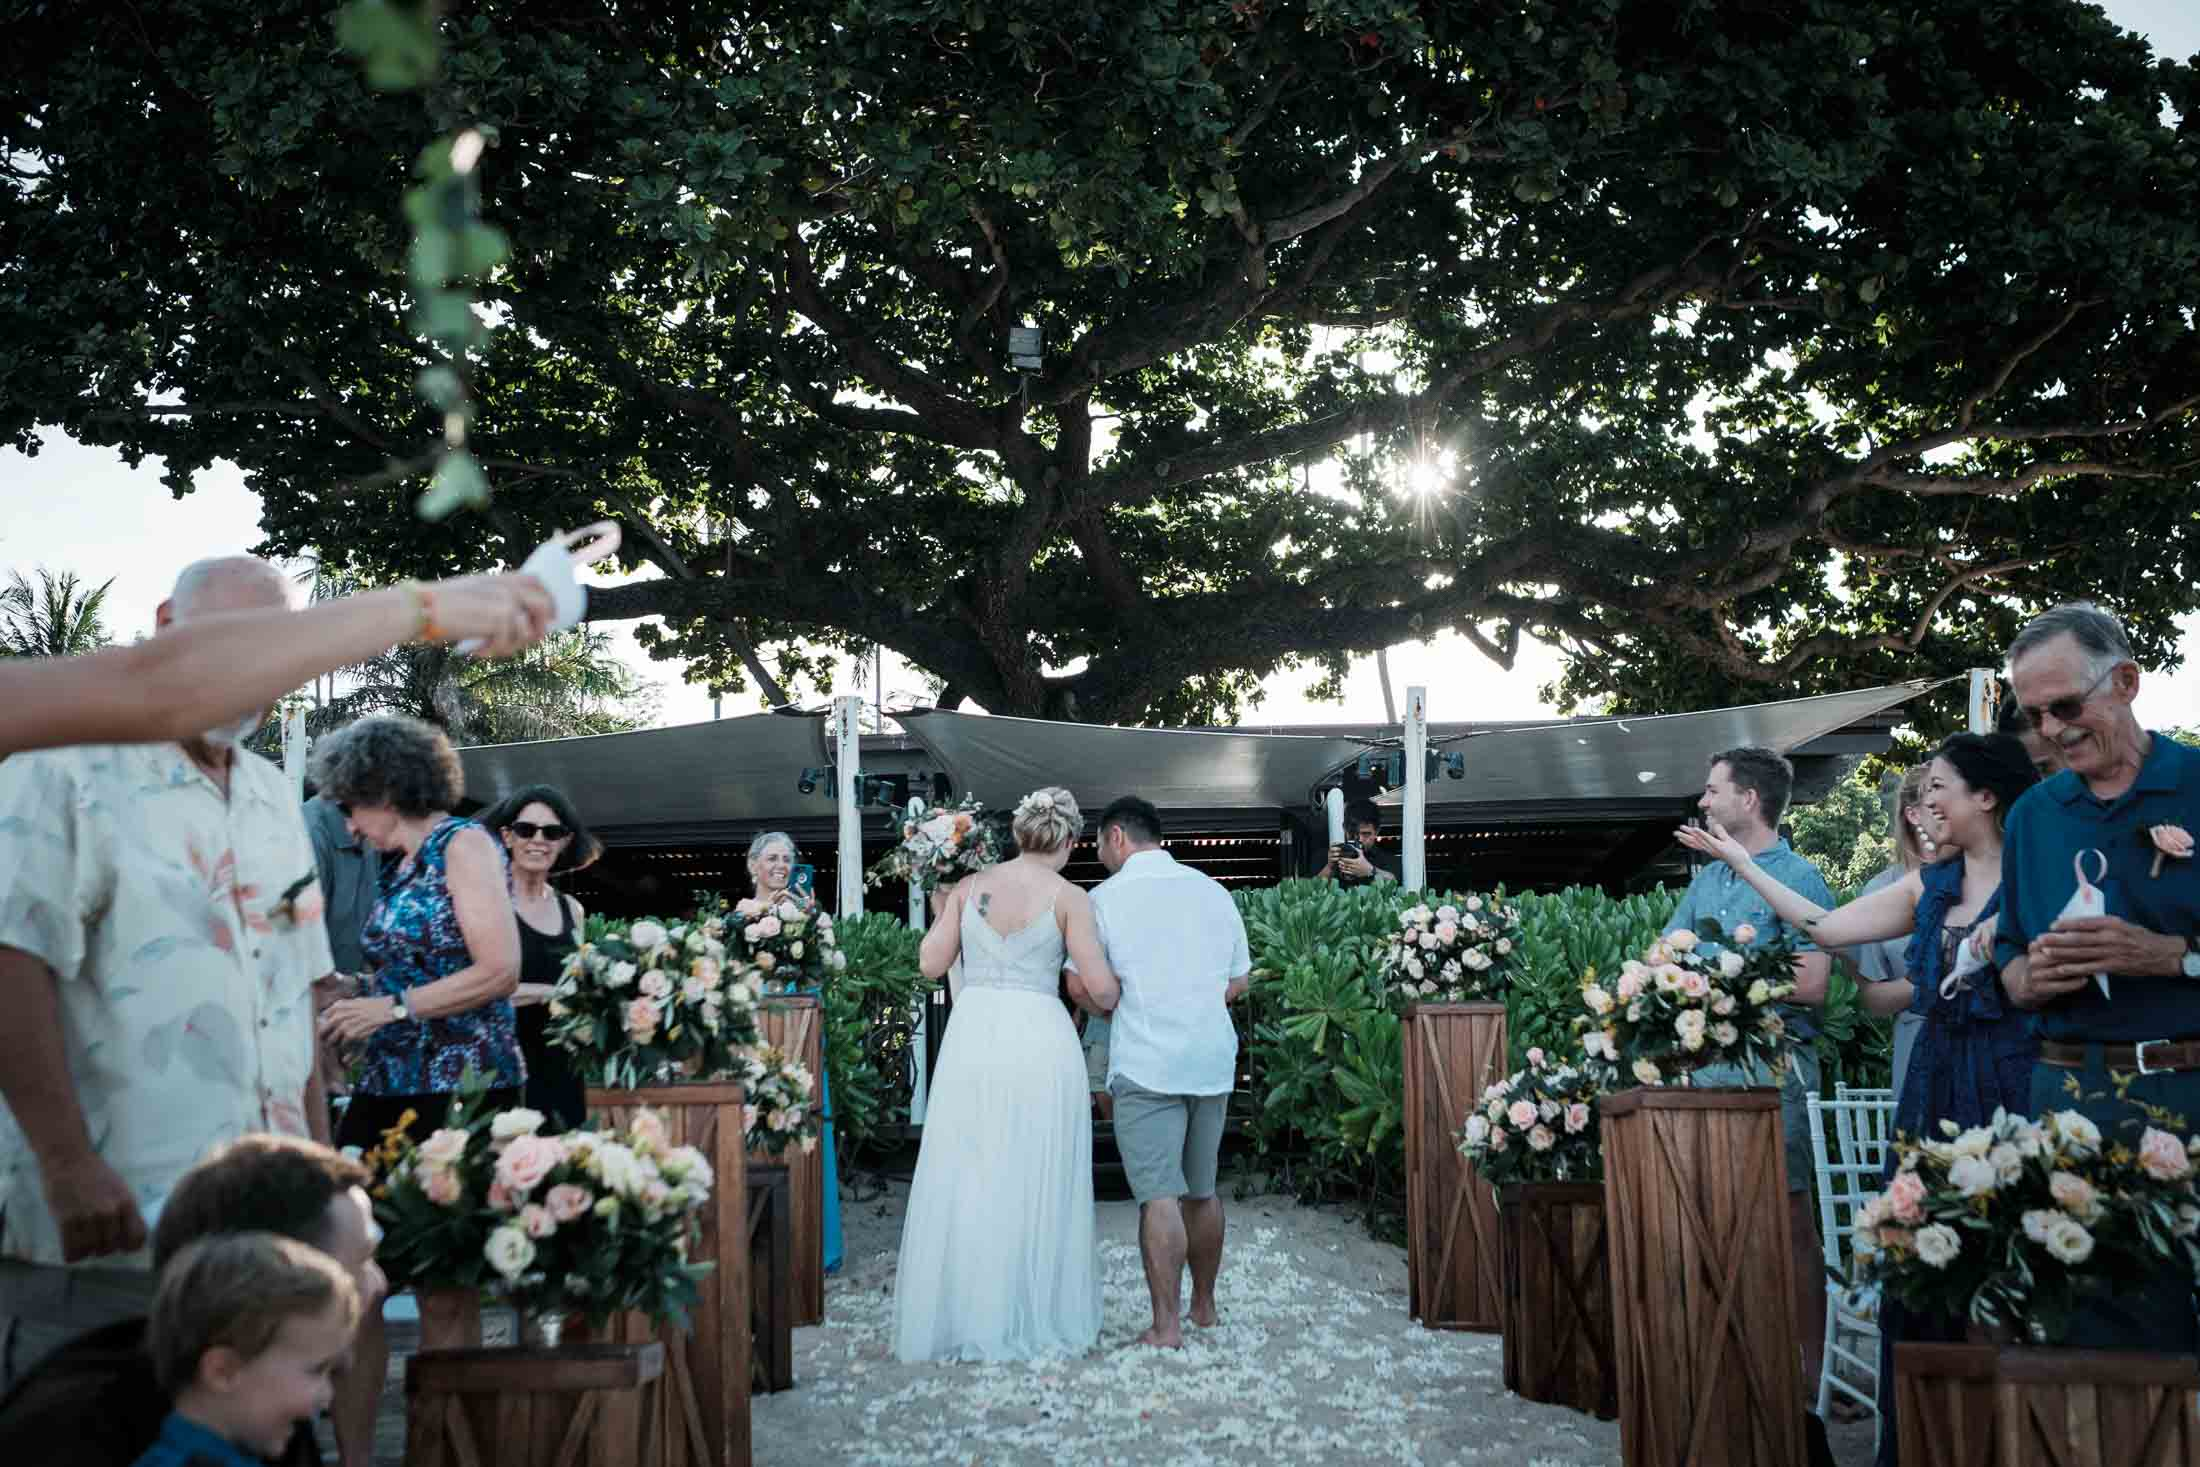 Photographe Mariage Thailande vive les mariés